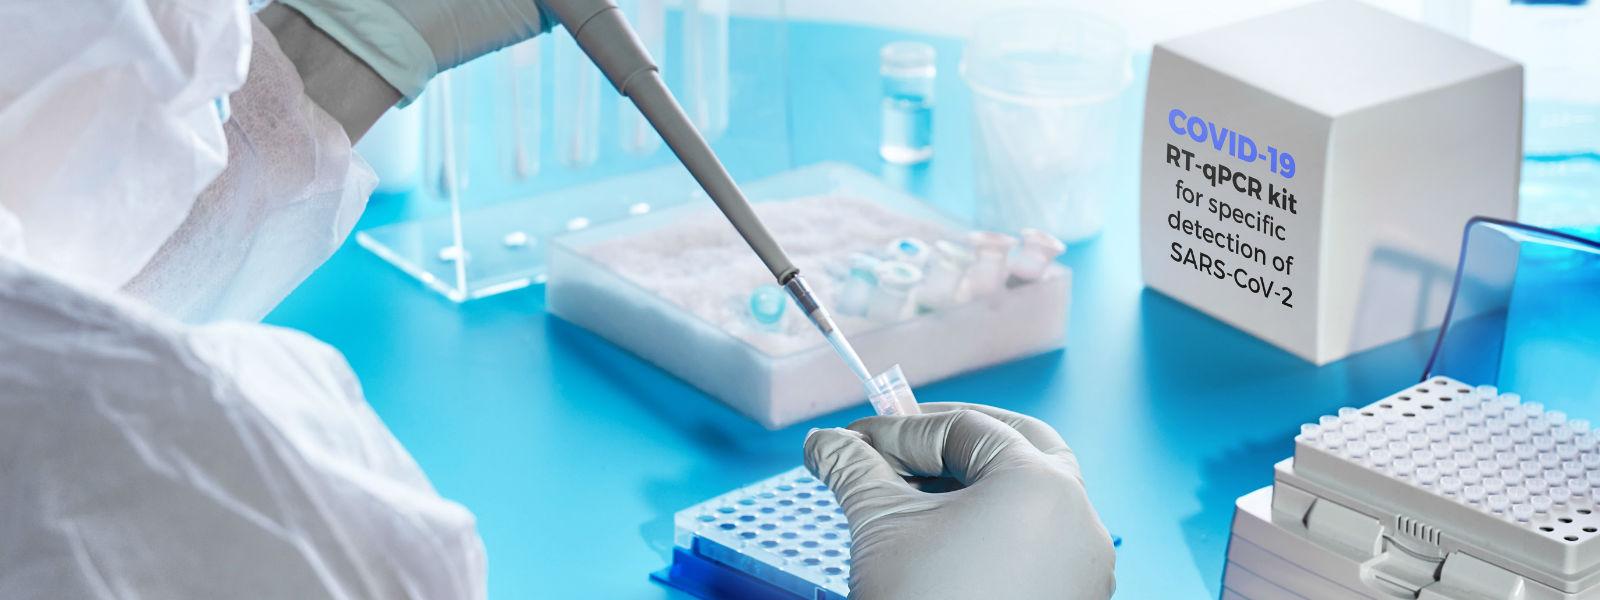 பாராளுமன்ற உறுப்பினர்களுக்கு PCR பரிசோதனை